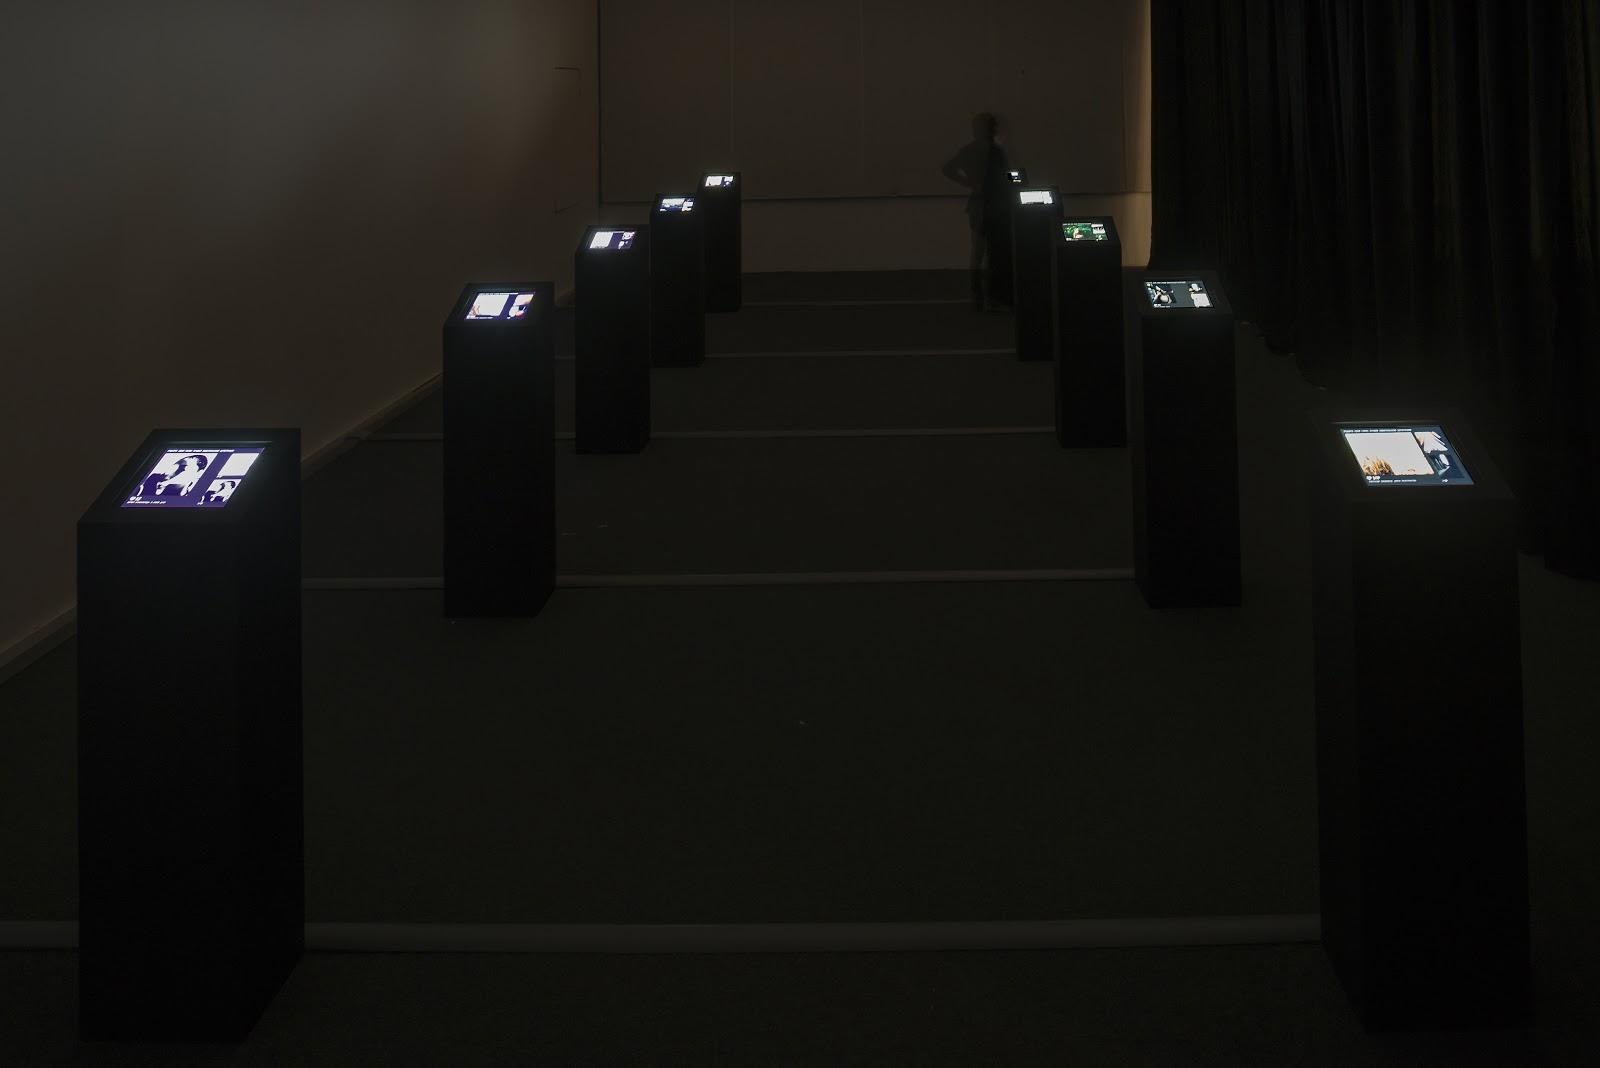 «ОНА»: как мы придумали образы искусственного интеллекта - 26